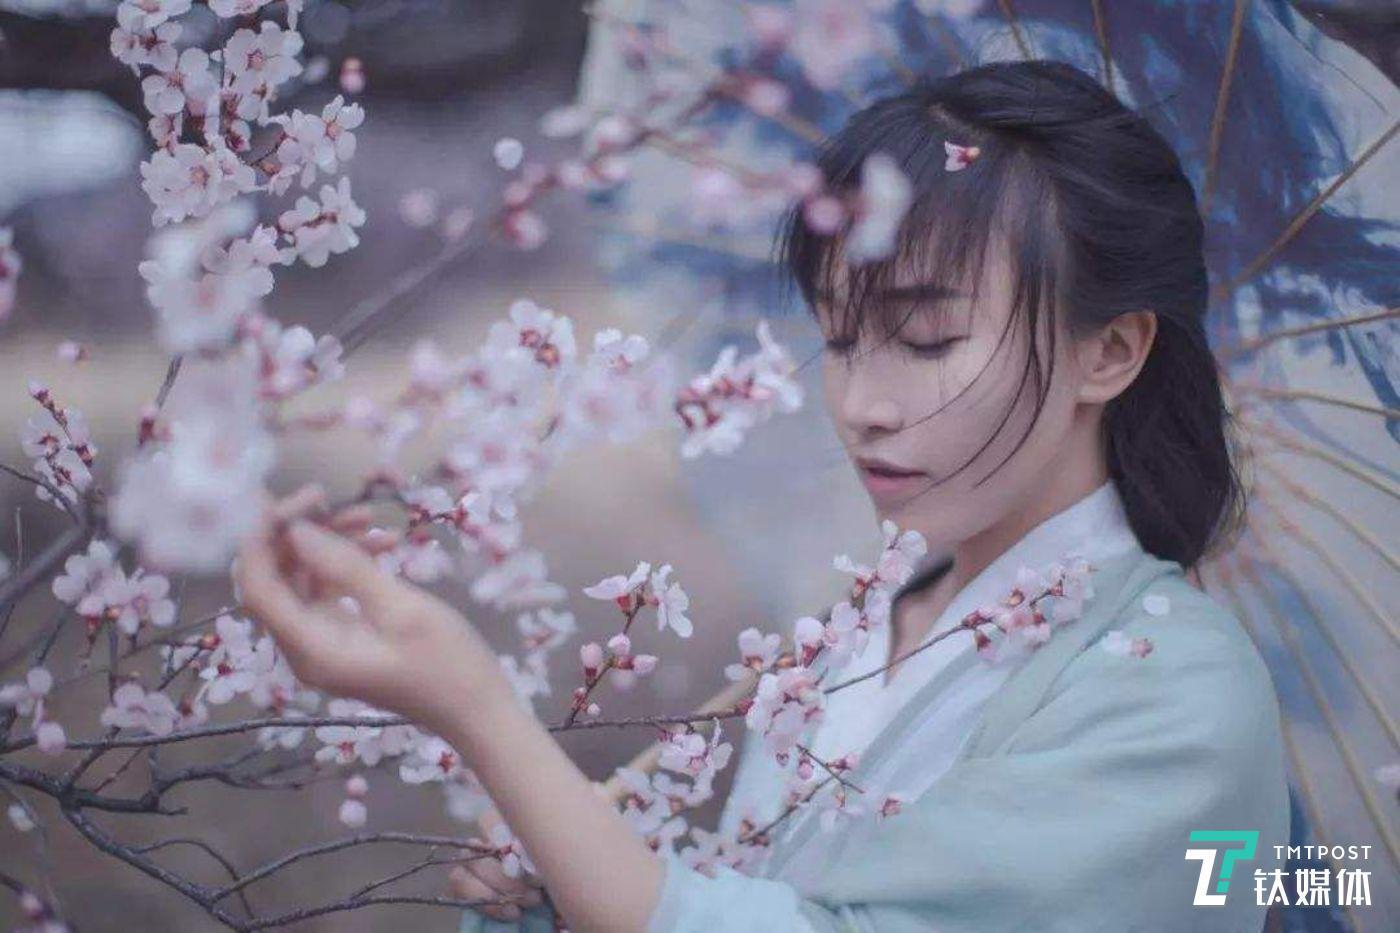 2019 年,中国网红开始走向海外,其中以李子柒最为有名。截至2019年12月,李子柒粉丝数量近3000万,其中海外粉丝740多万,累积播放量近30亿。(图/李子柒微博)